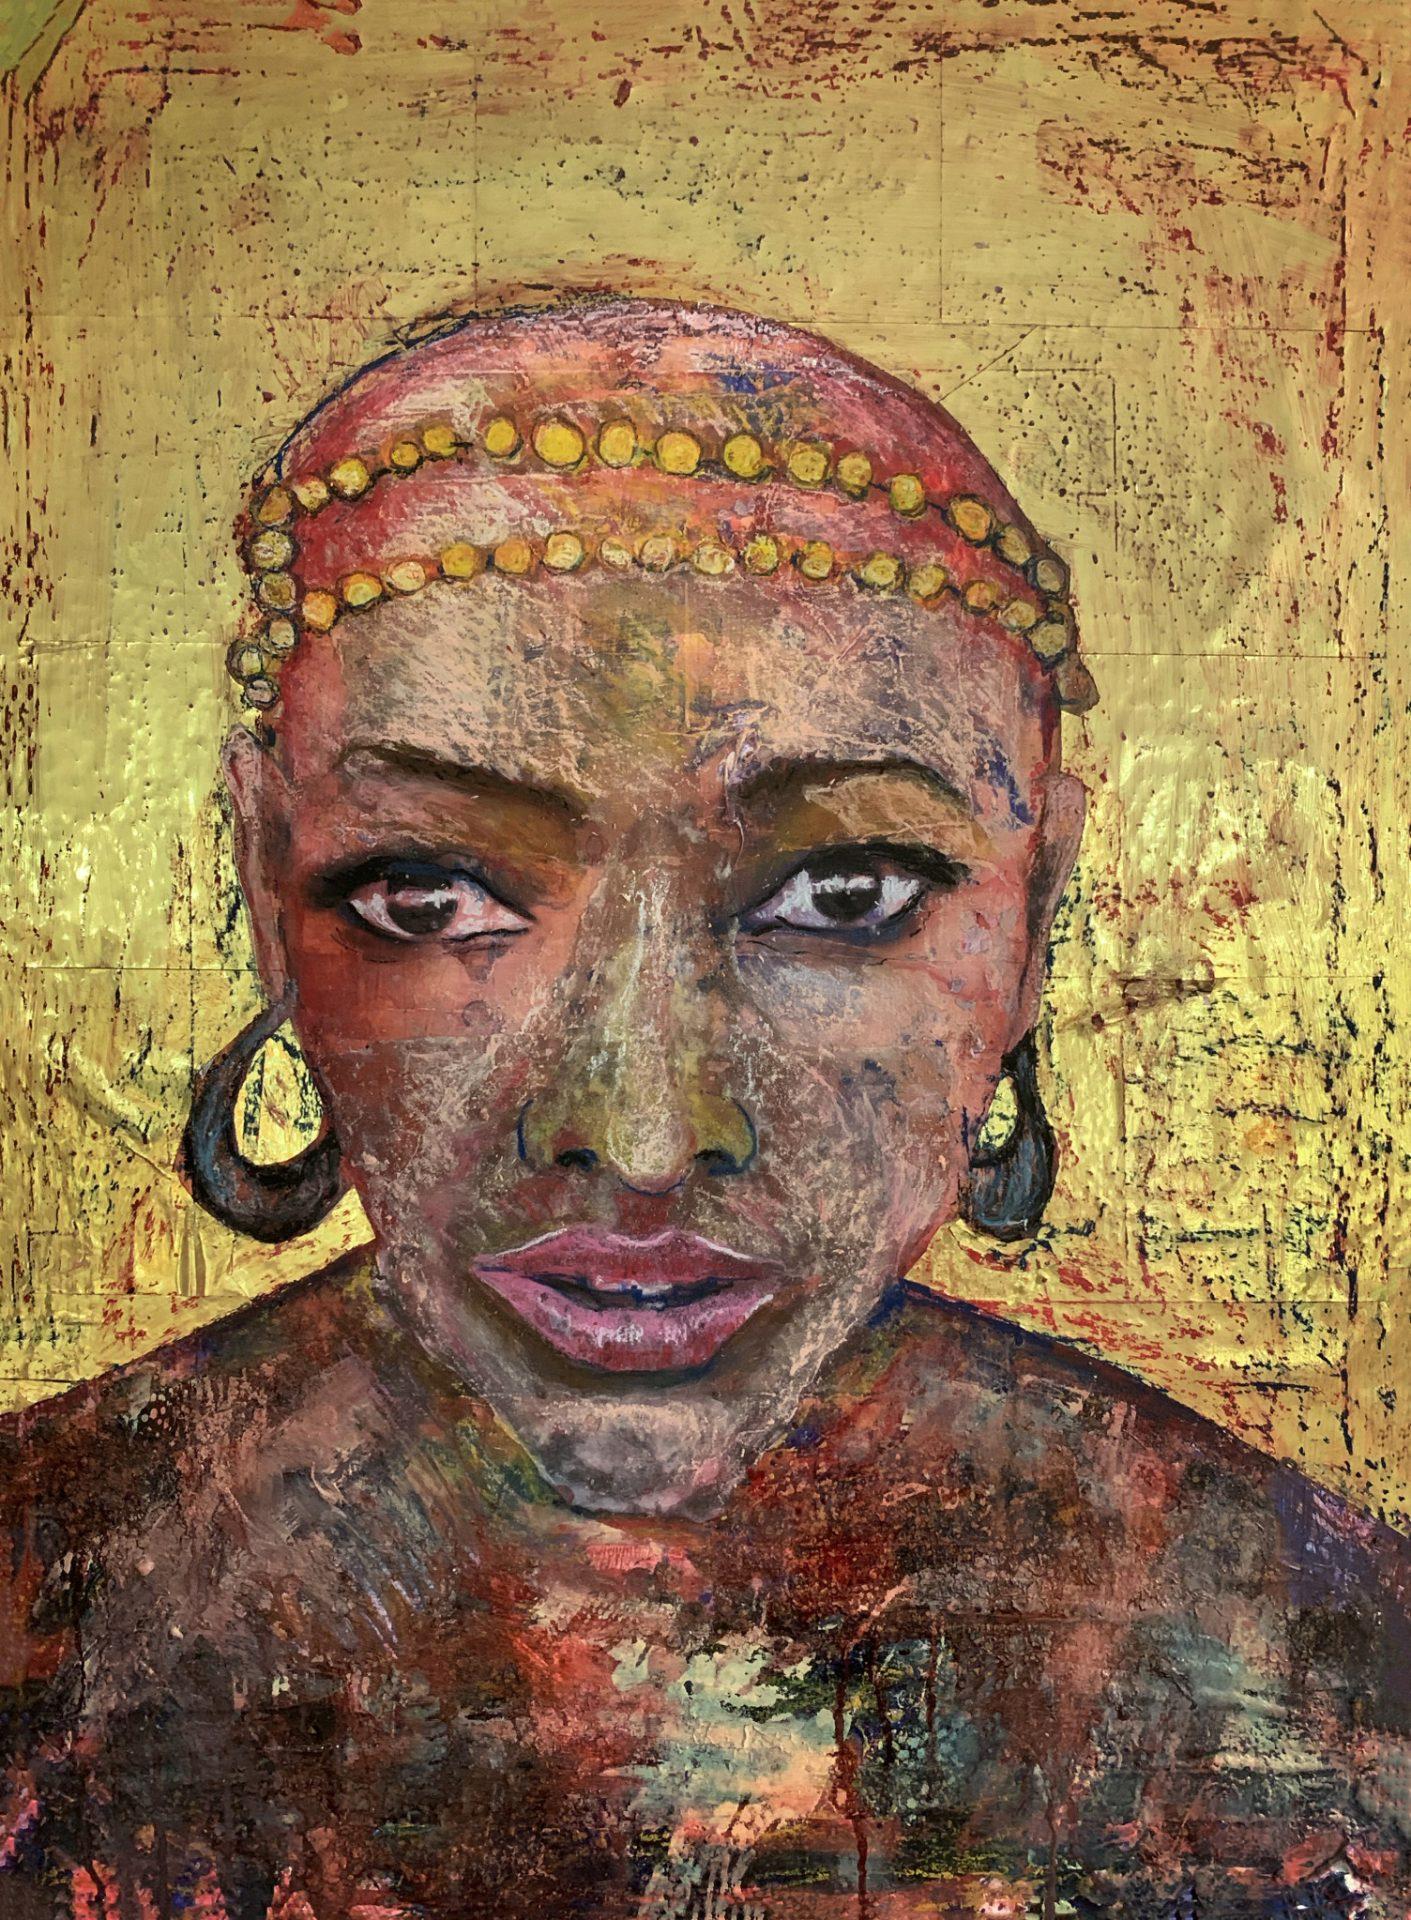 Malaika Mzuri, art by Pav Szymanski